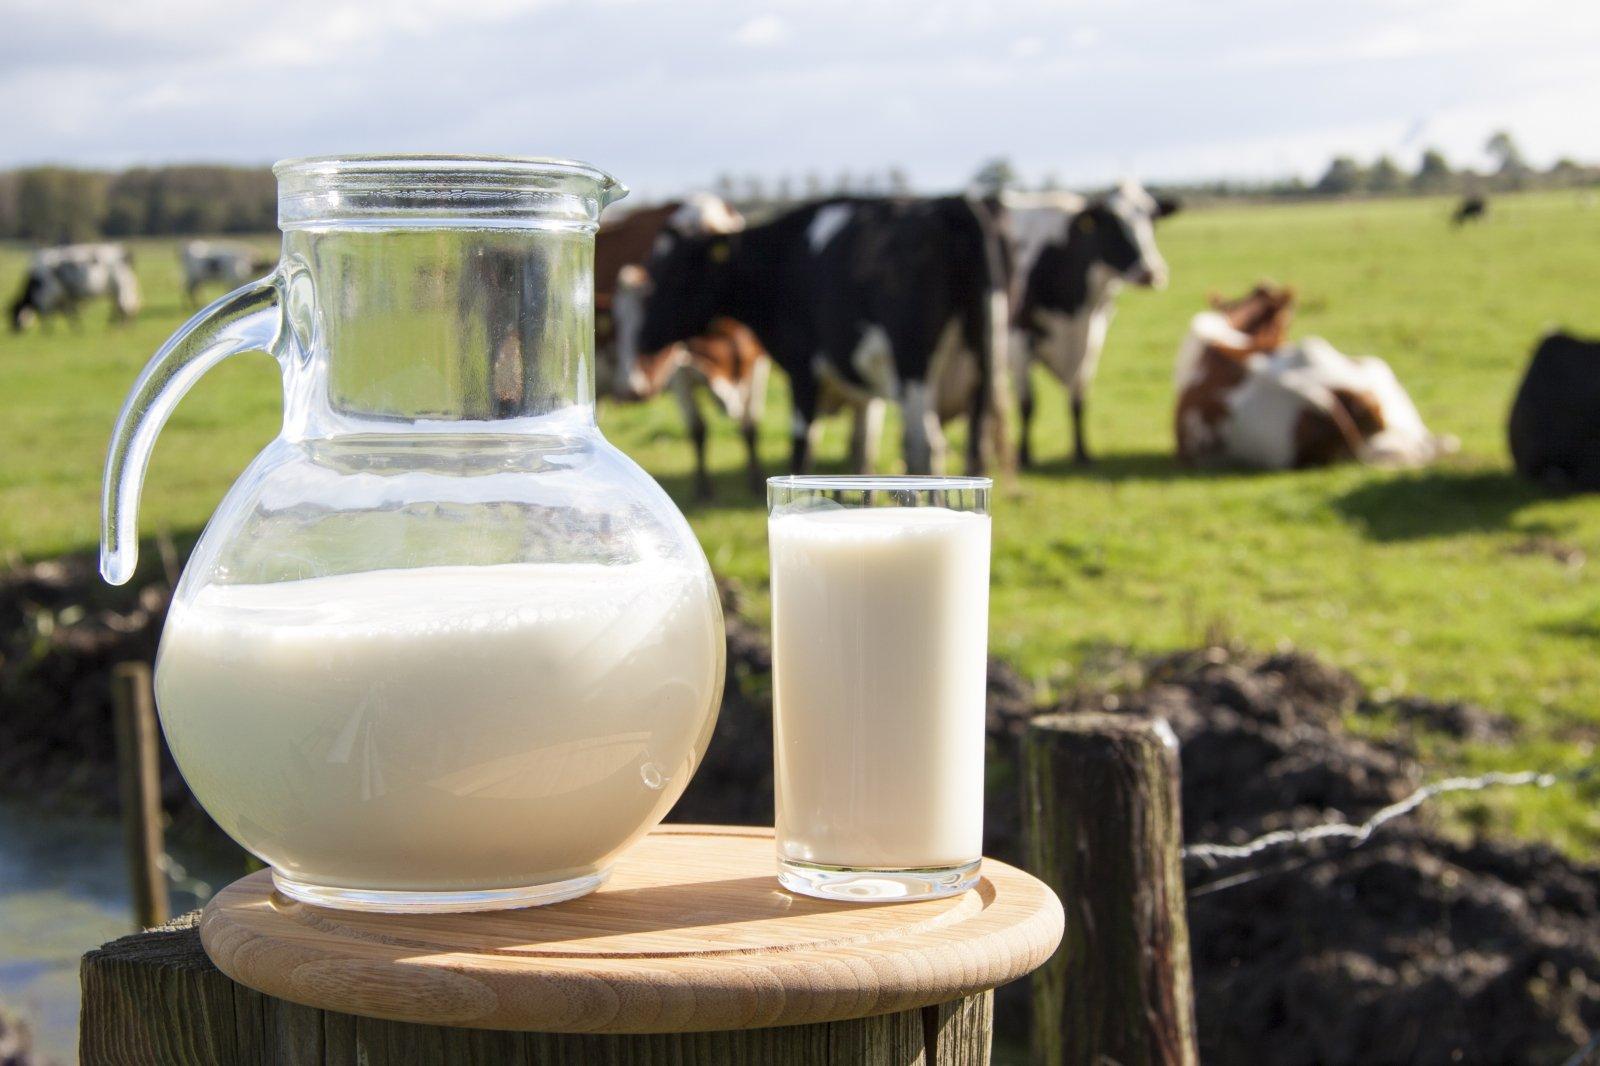 Vartojate pieną ir jo produktus? Mokslų daktarė įvardijo, kuo rizikuojate - DELFI Maistas